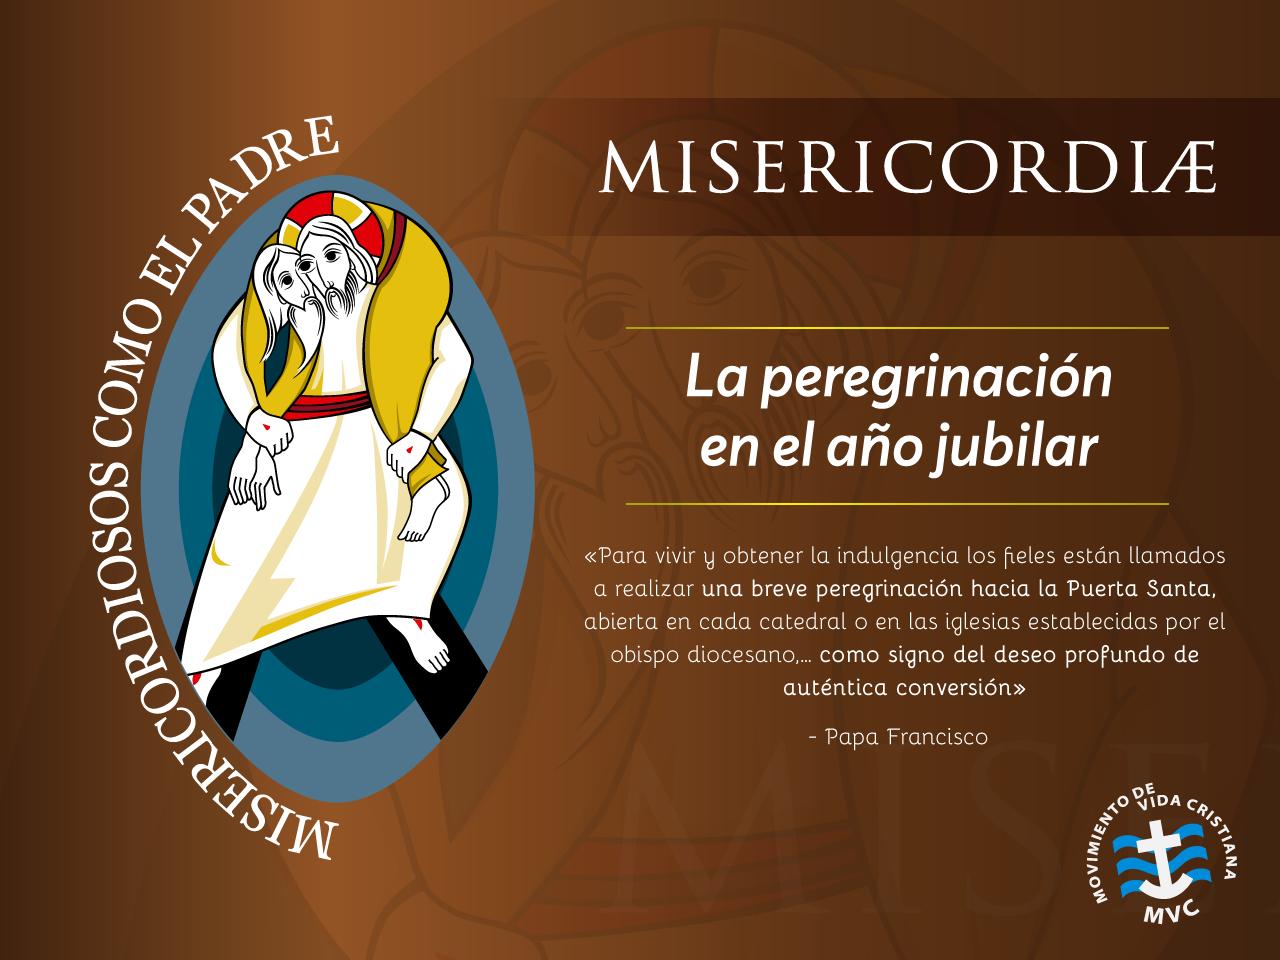 Misericordiae-4-editable-1